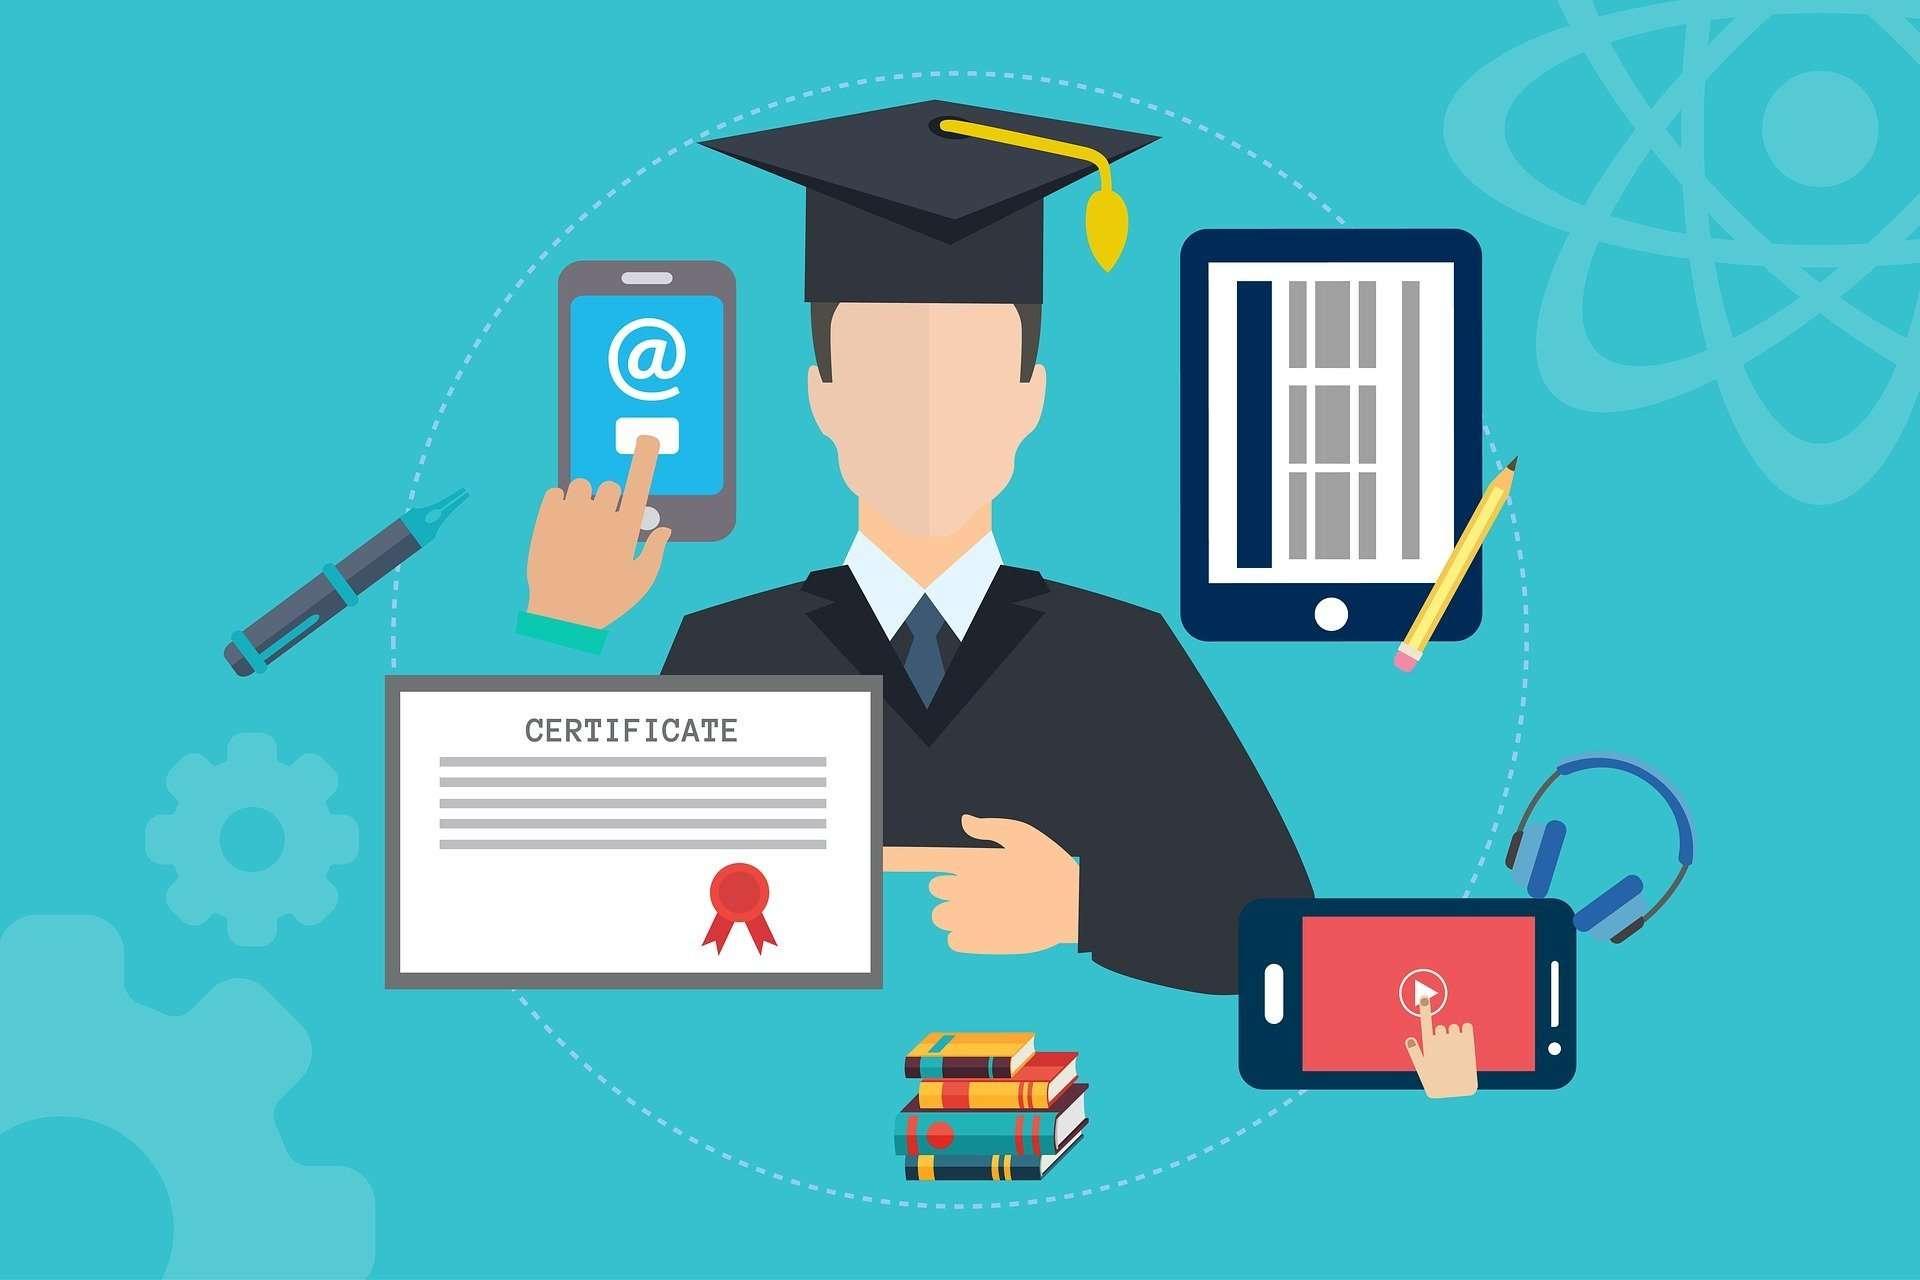 Prendere il diploma e studiare da privatista costa tanto? No, solo tanta fatica